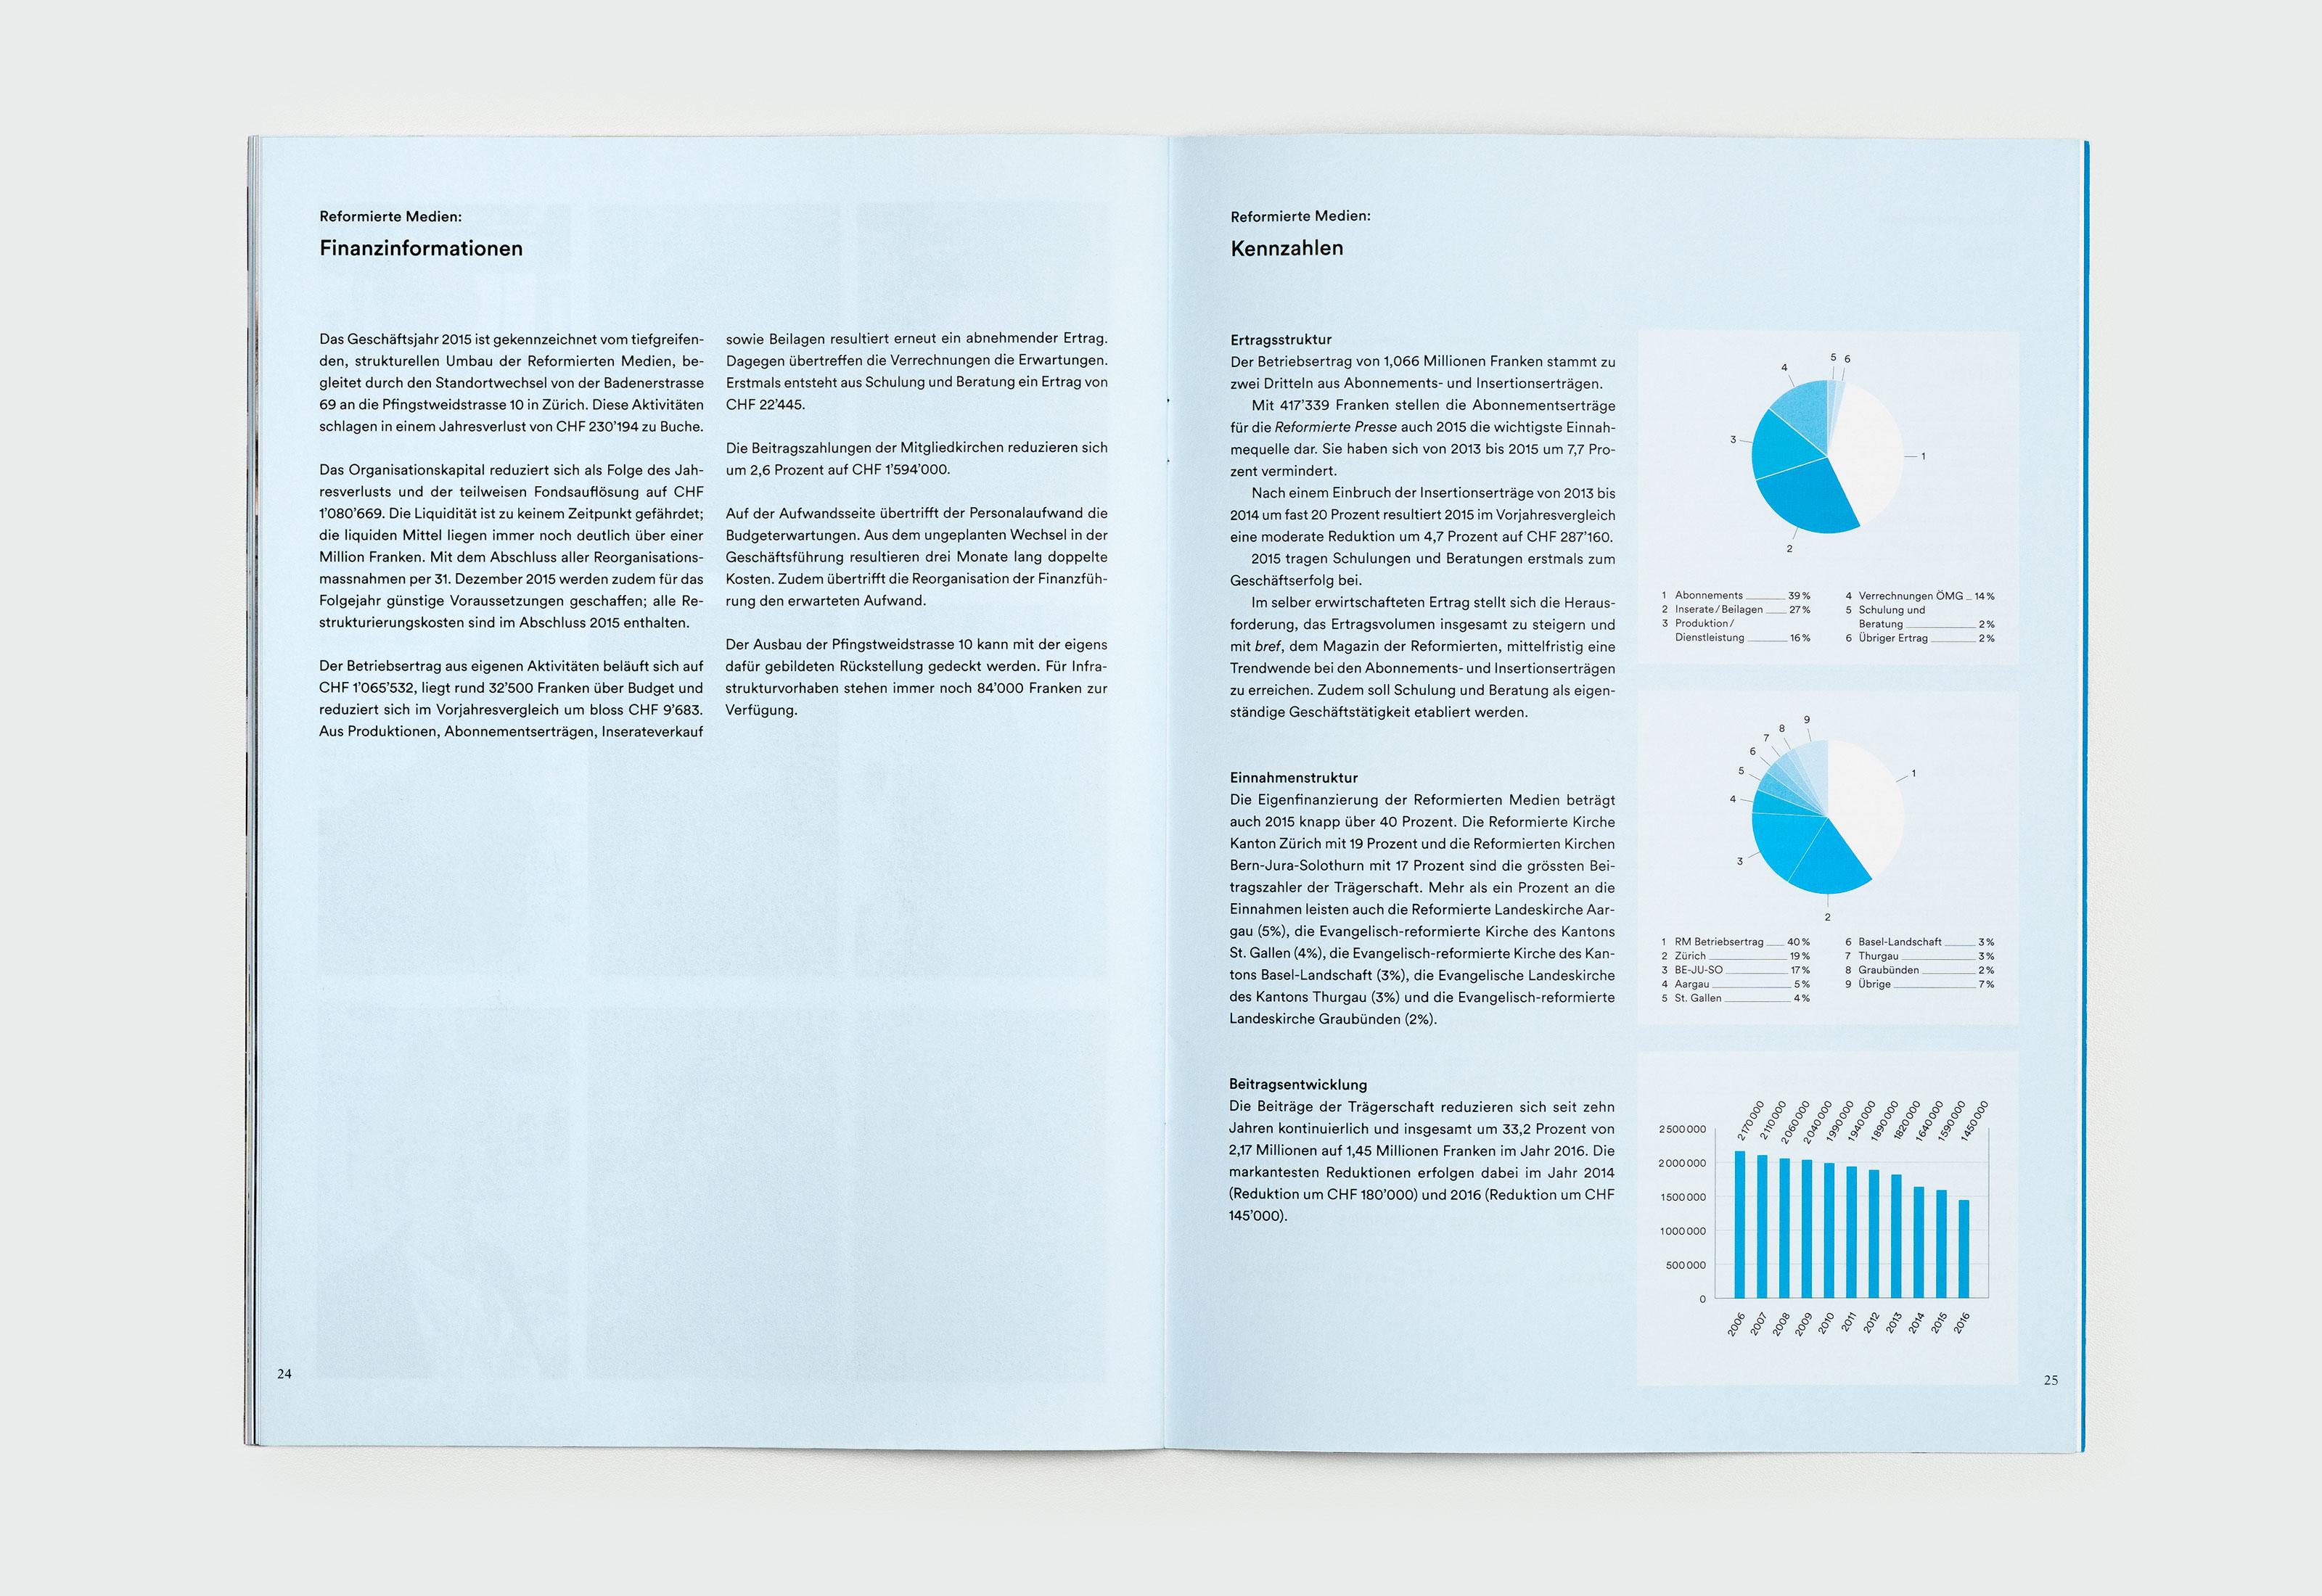 Reformierte Medien – Jahresbericht 2015, content, infographic ©Atelier Pol × Barbara Hess